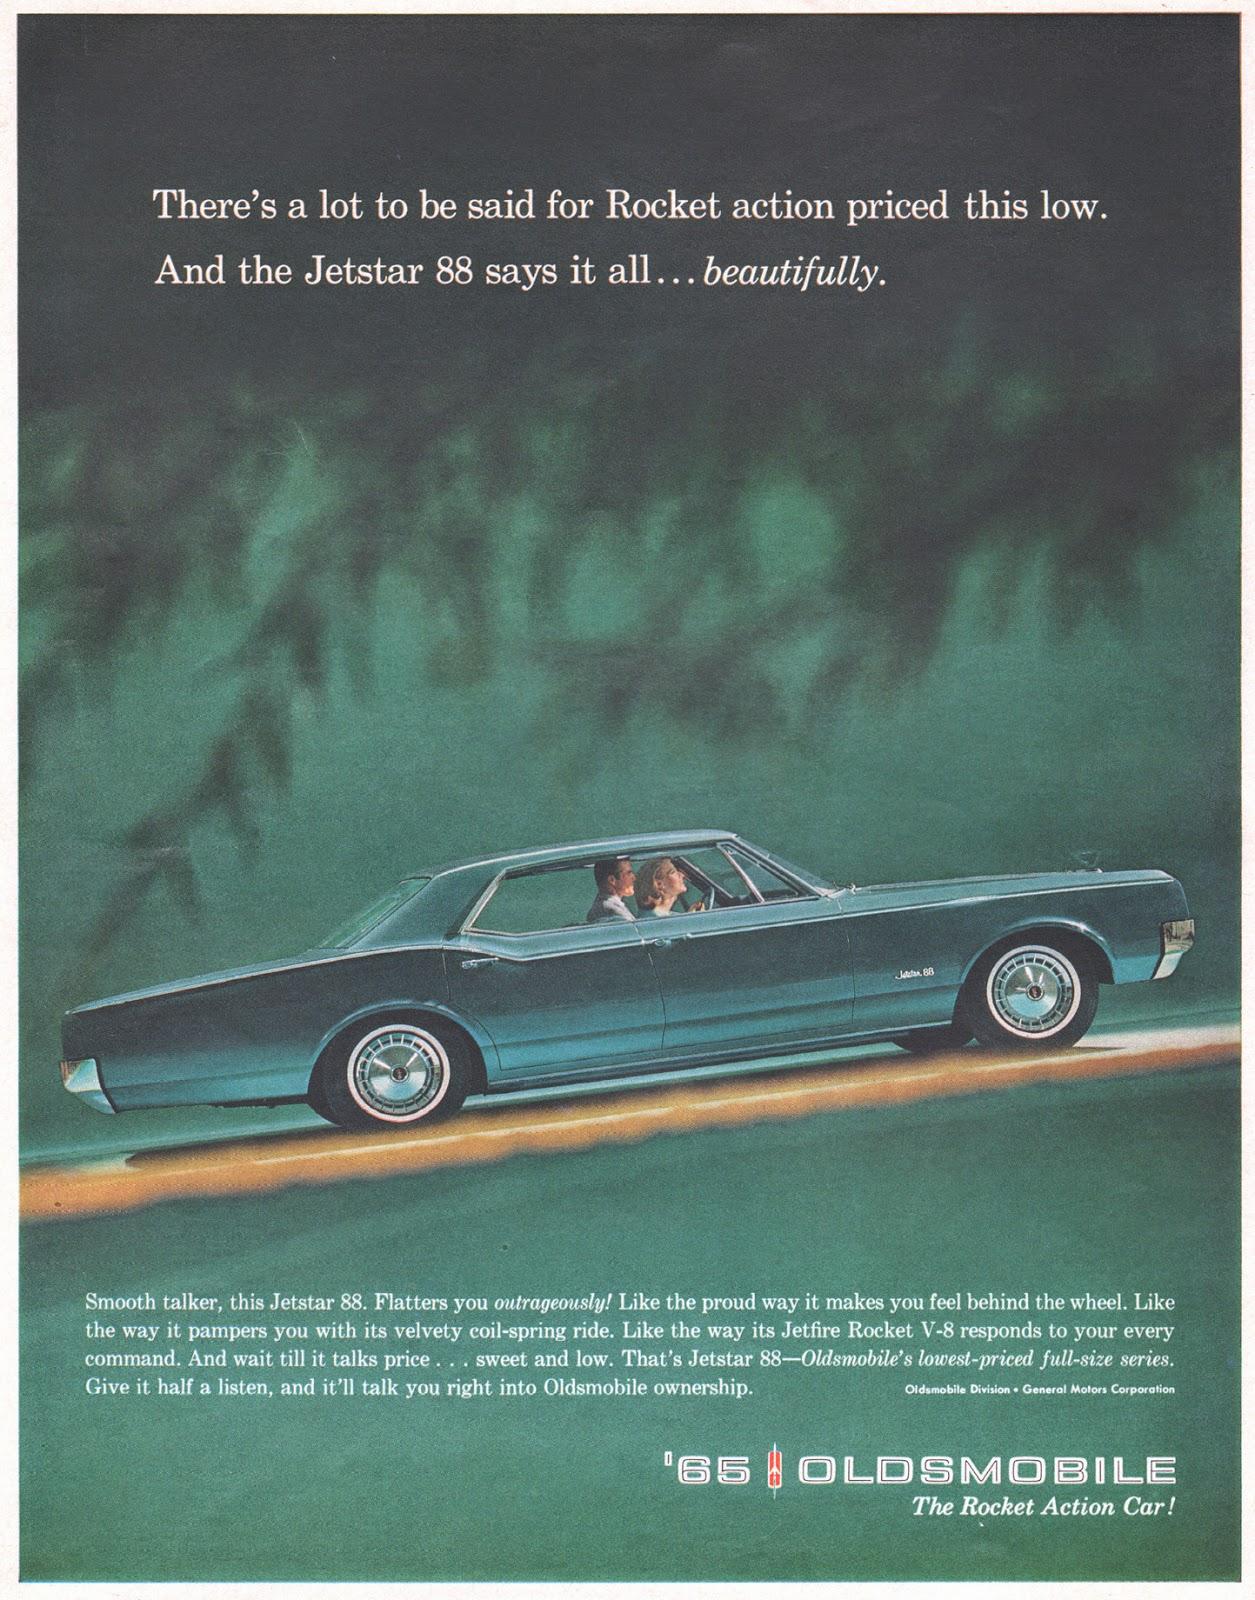 1965 Oldsmobile Jetstar 88